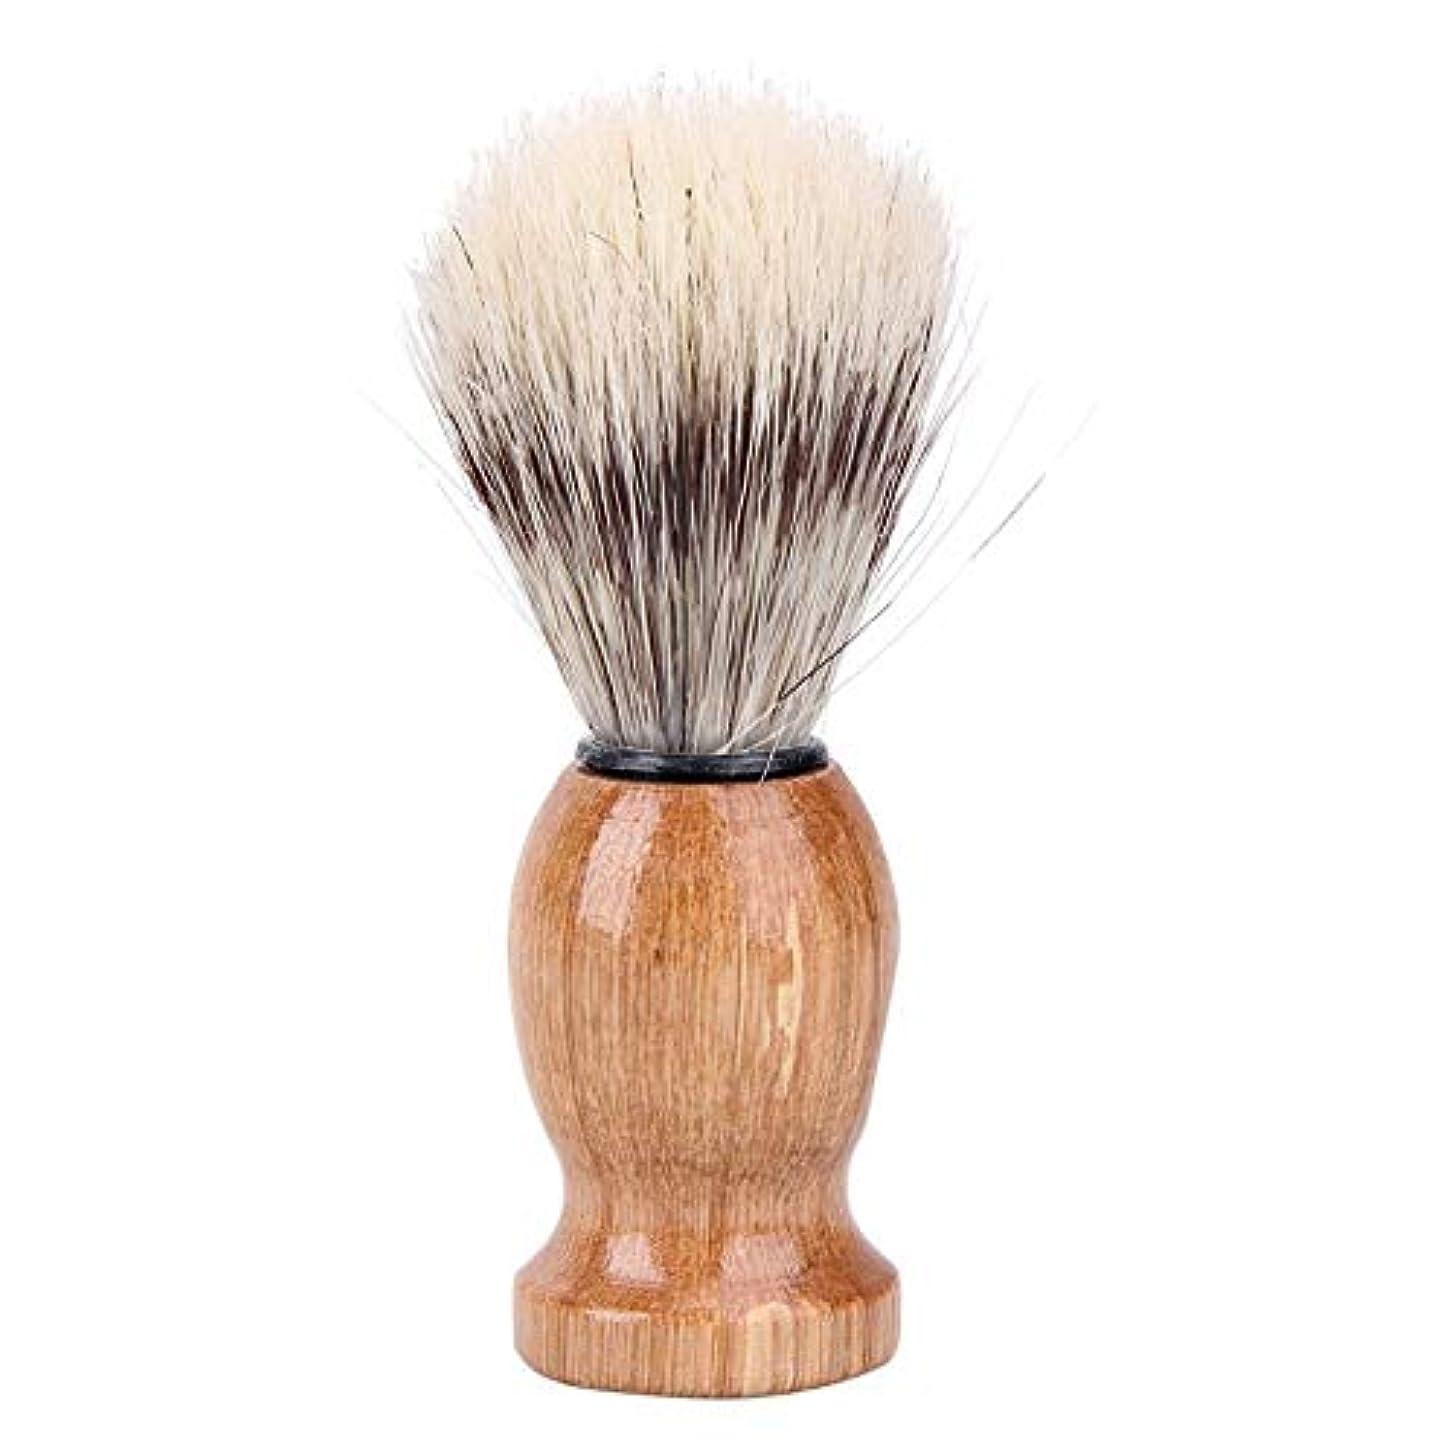 九月うまくやる()学部1st market スタイリッシュで人気のある黒アナグマの髪の男性のシェービングブラシ床屋サロン顔ひげひげクリーニング